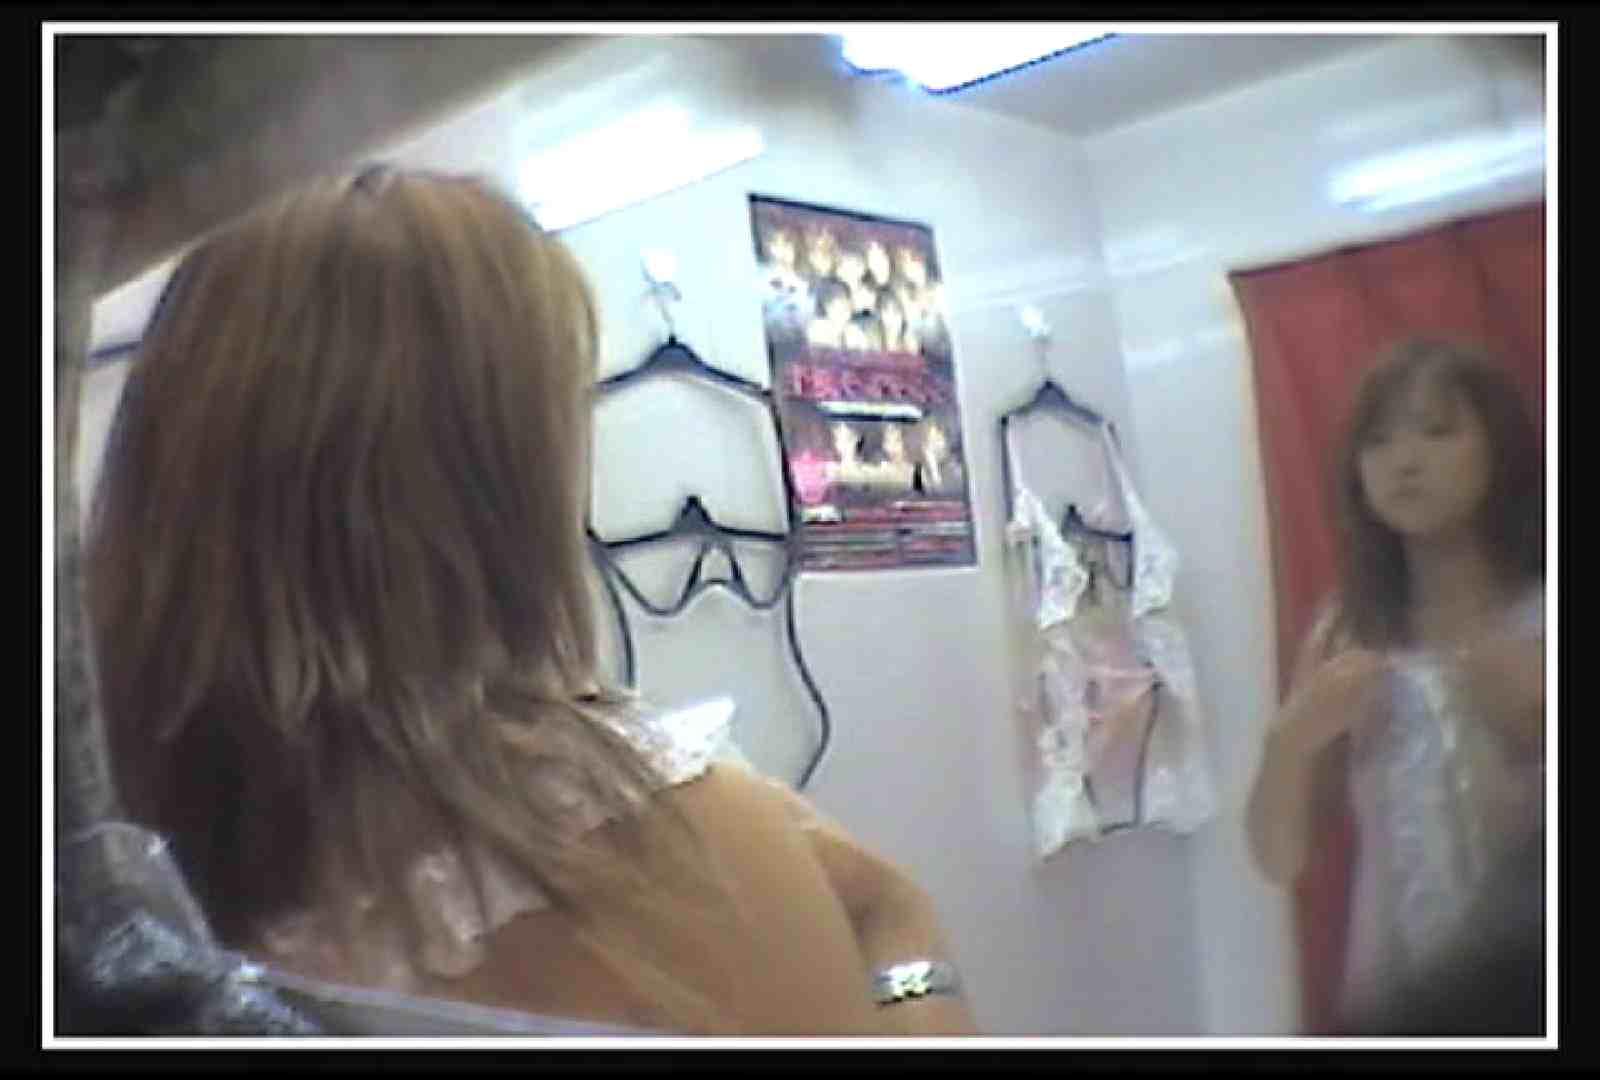 ショップ店長流出!!変態下着を買い漁る女達!Vol.3 OLセックス 盗撮エロ画像 63画像 38